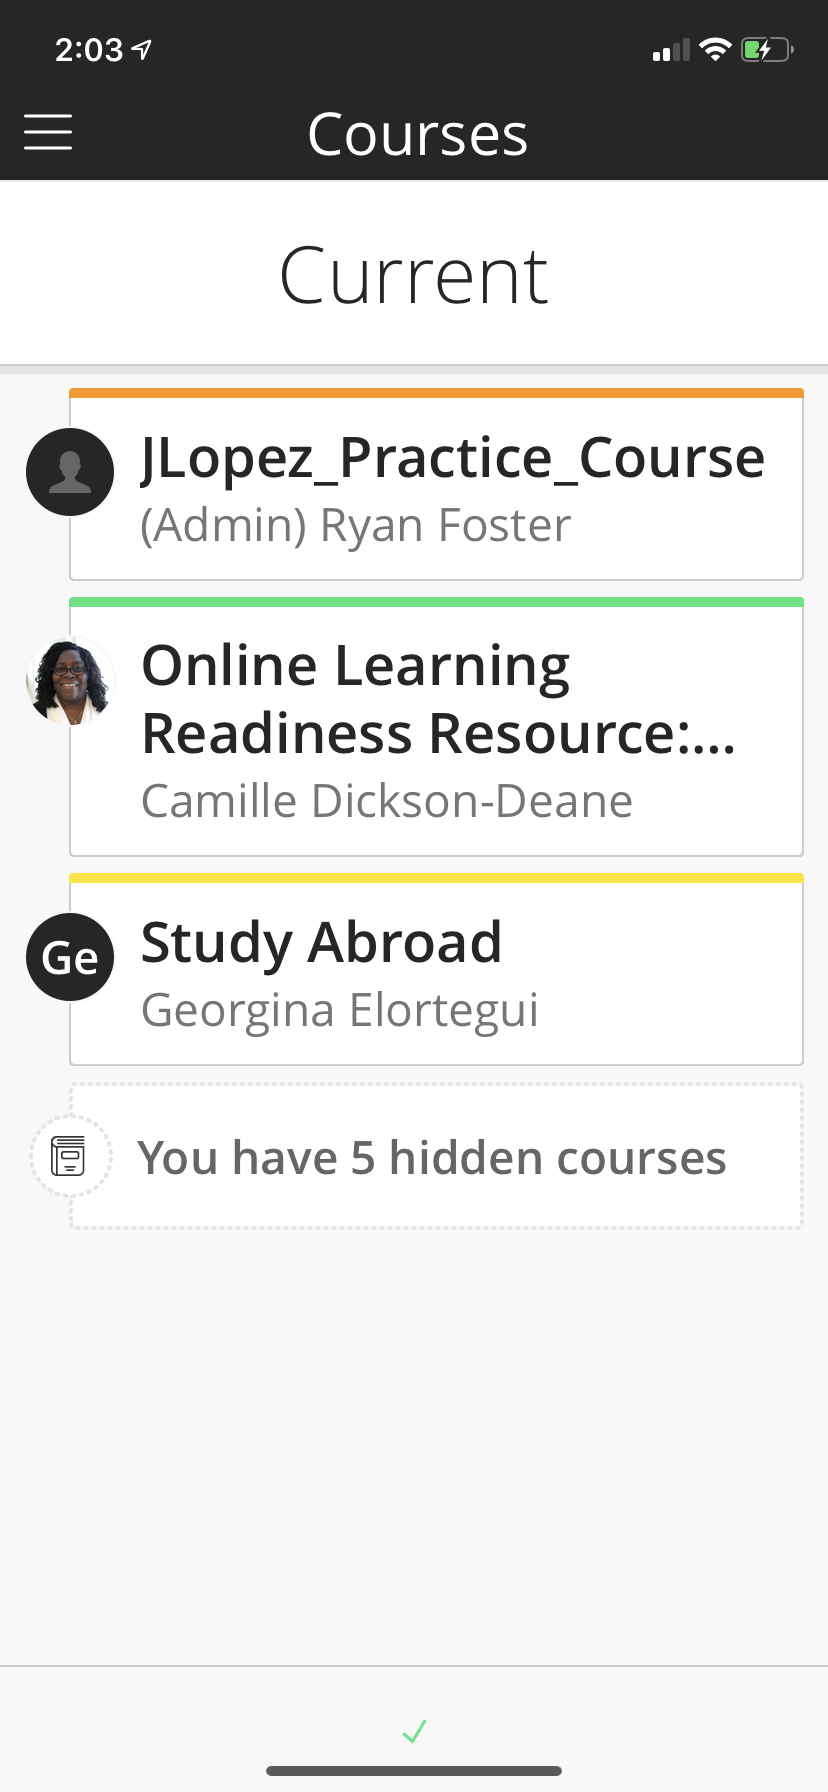 Course selection screen